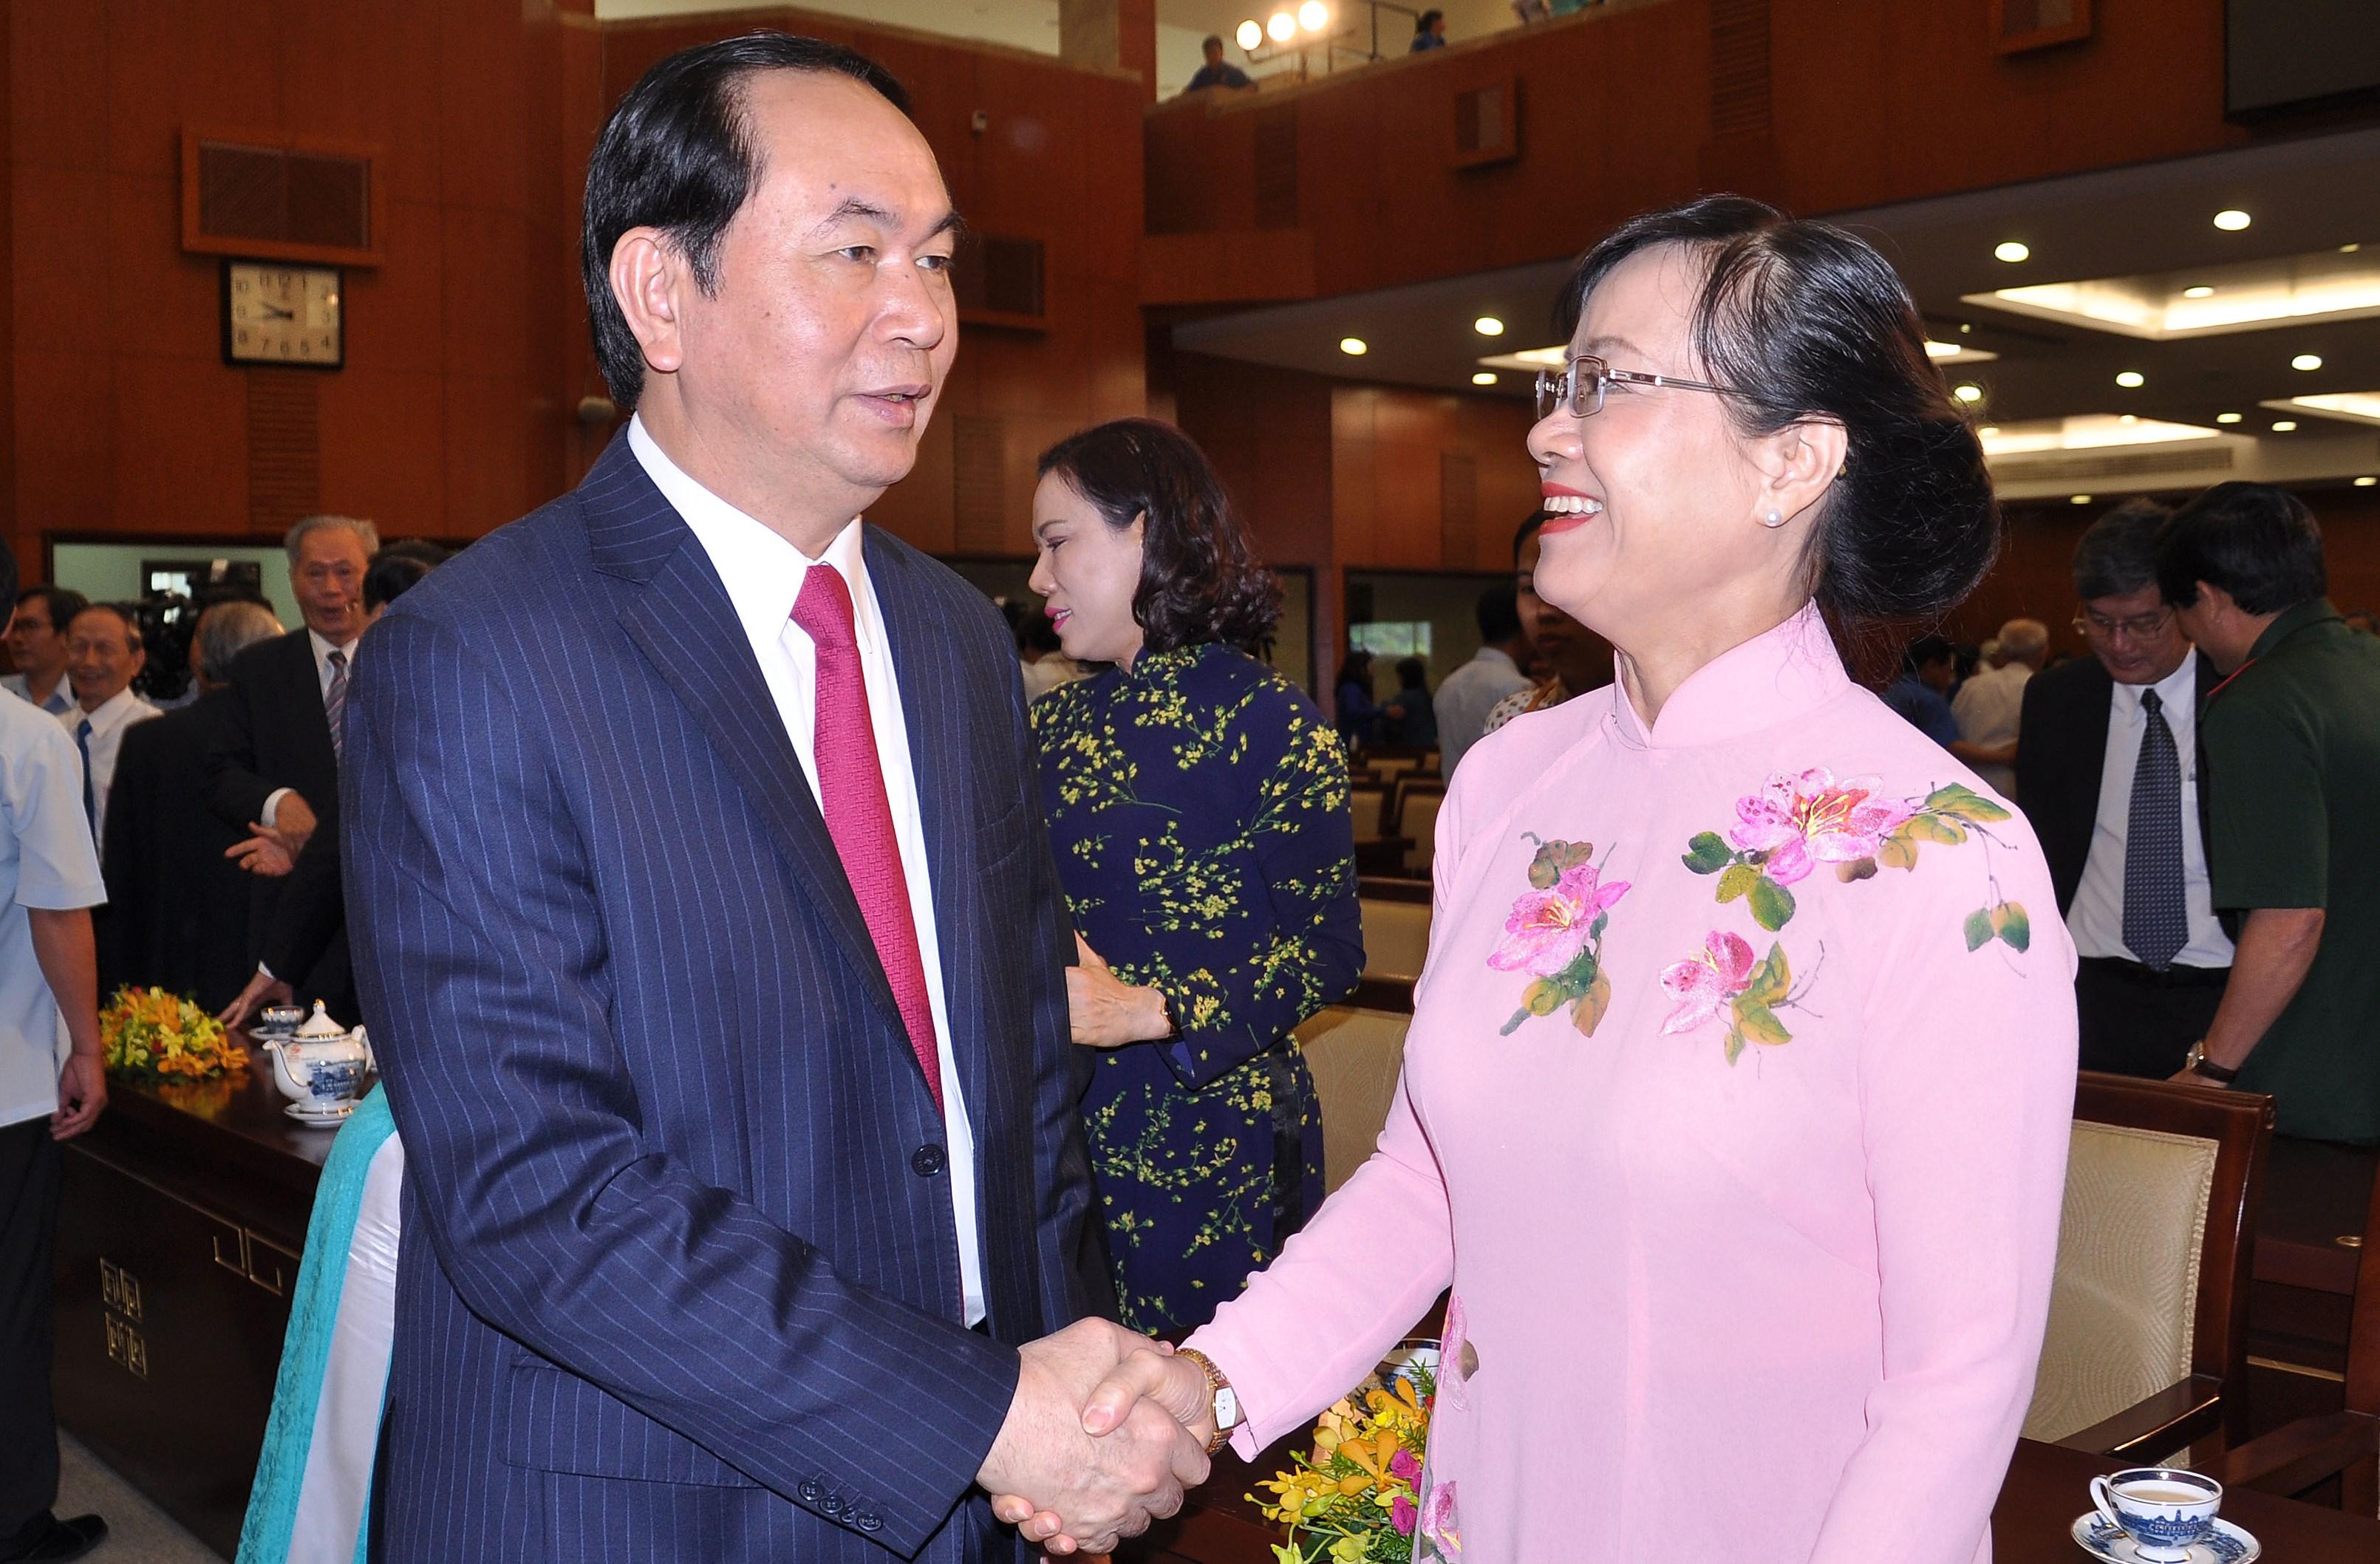 Chủ tịch nước Trần Đại Quang trao đổi với Chủ tịch HĐND TP HCM Nguyễn Thị Quyết Tâm